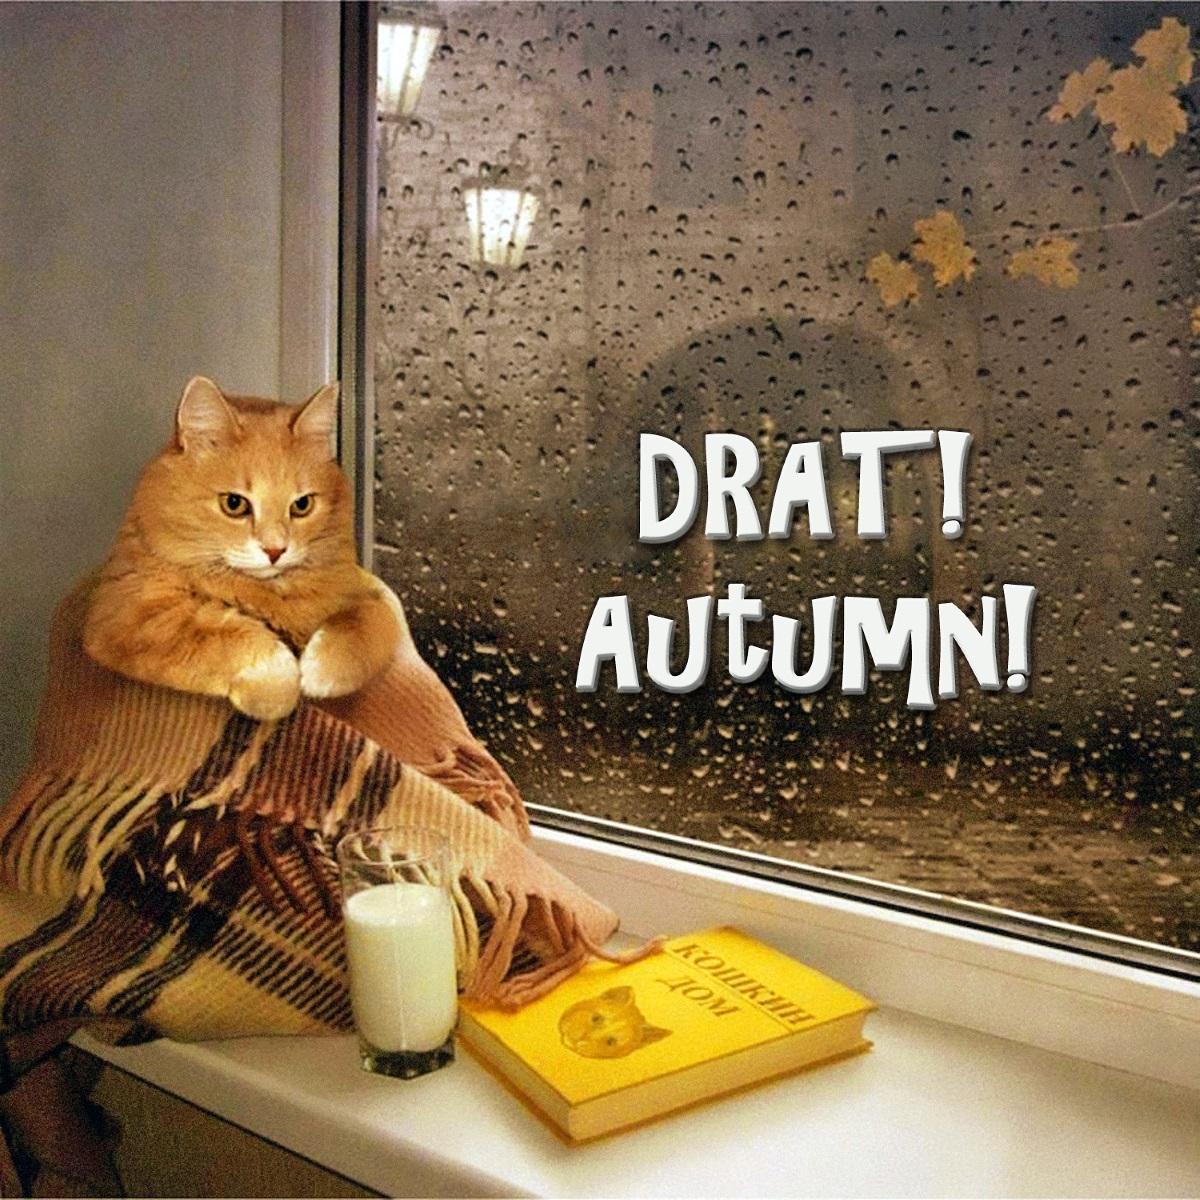 00 cat drat autumn 190915